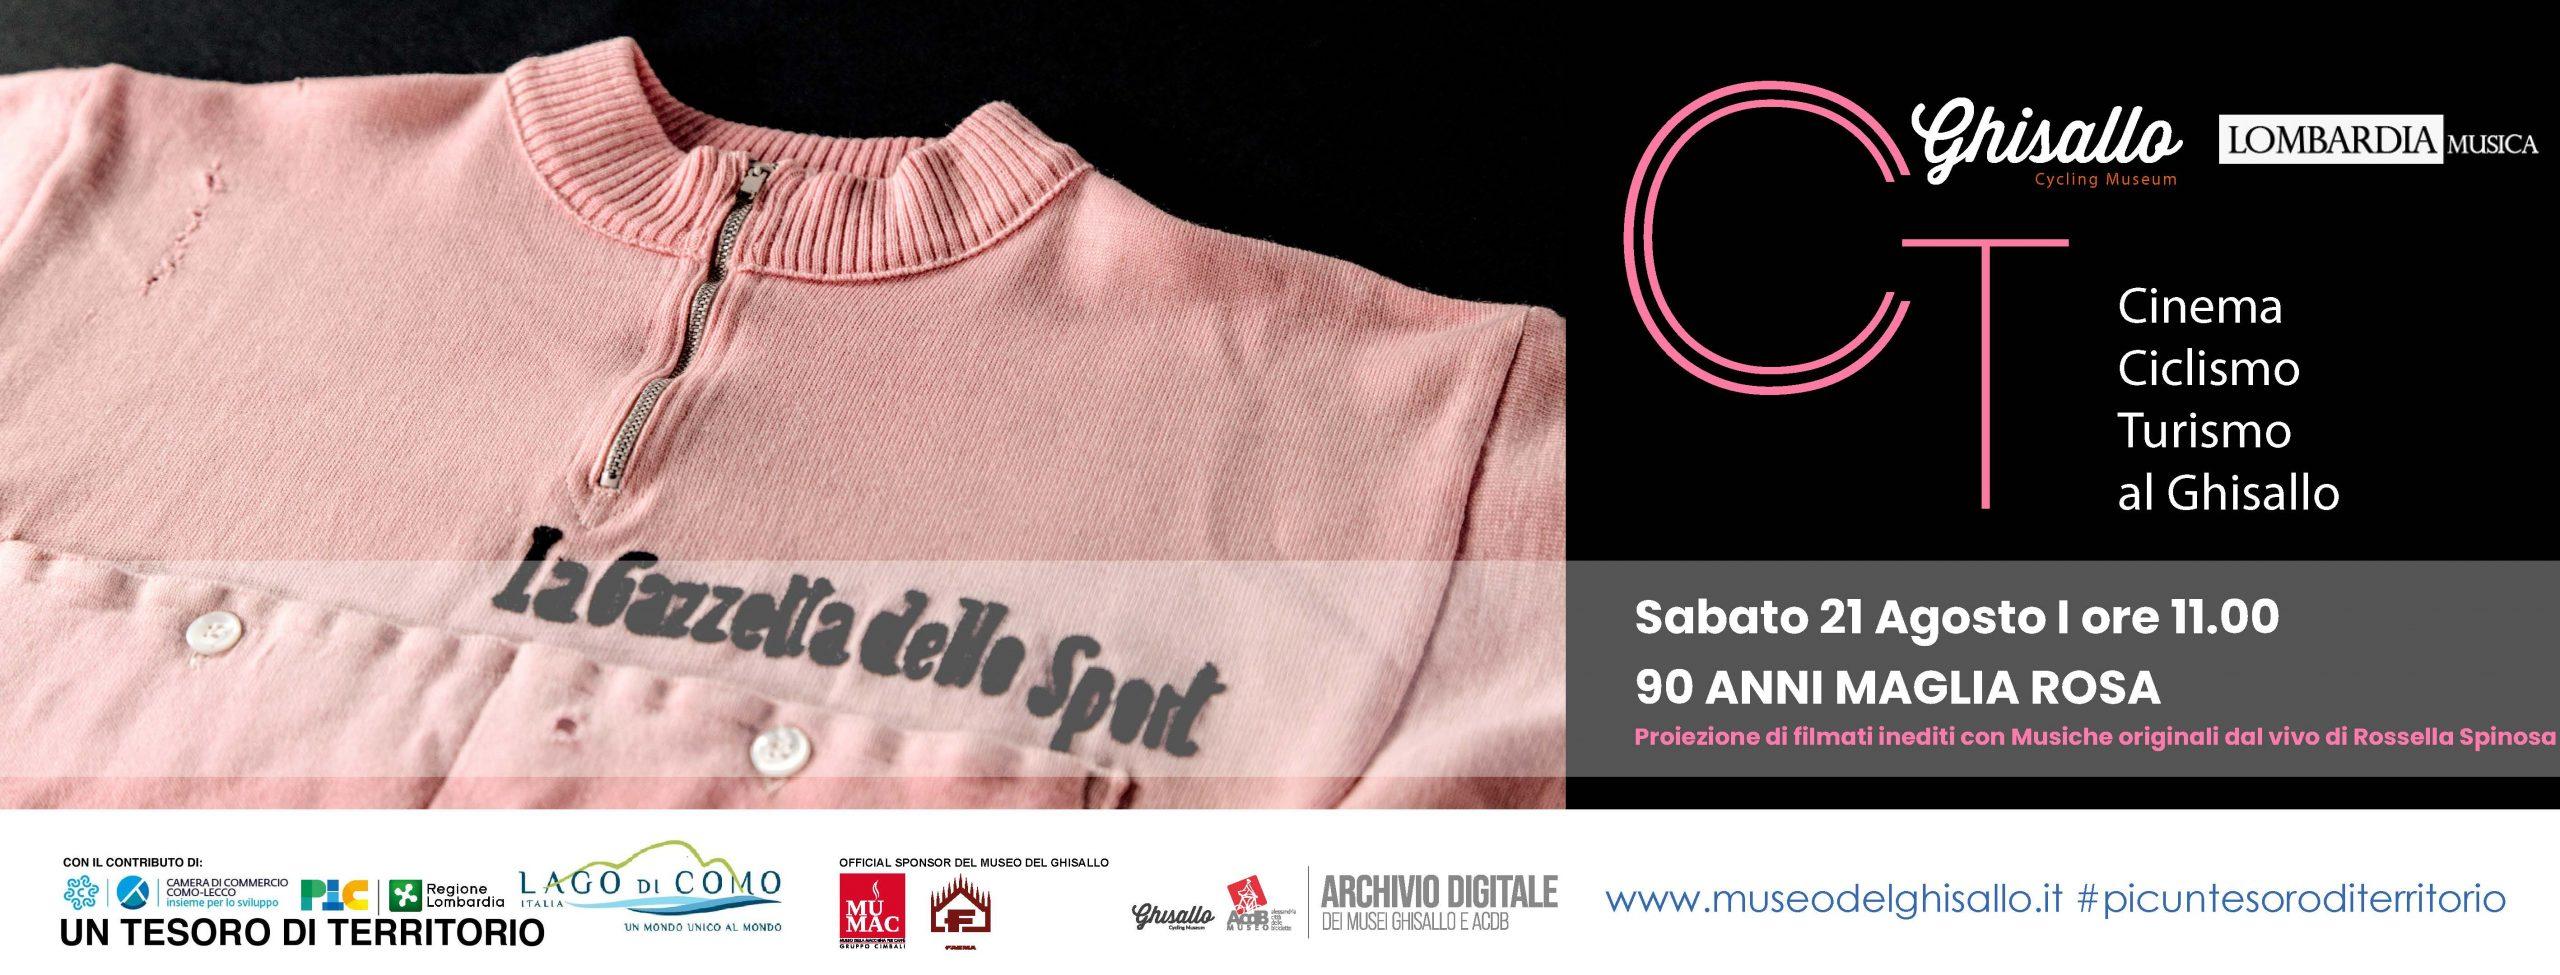 PIC 21.08 replica maglia rosa scaled